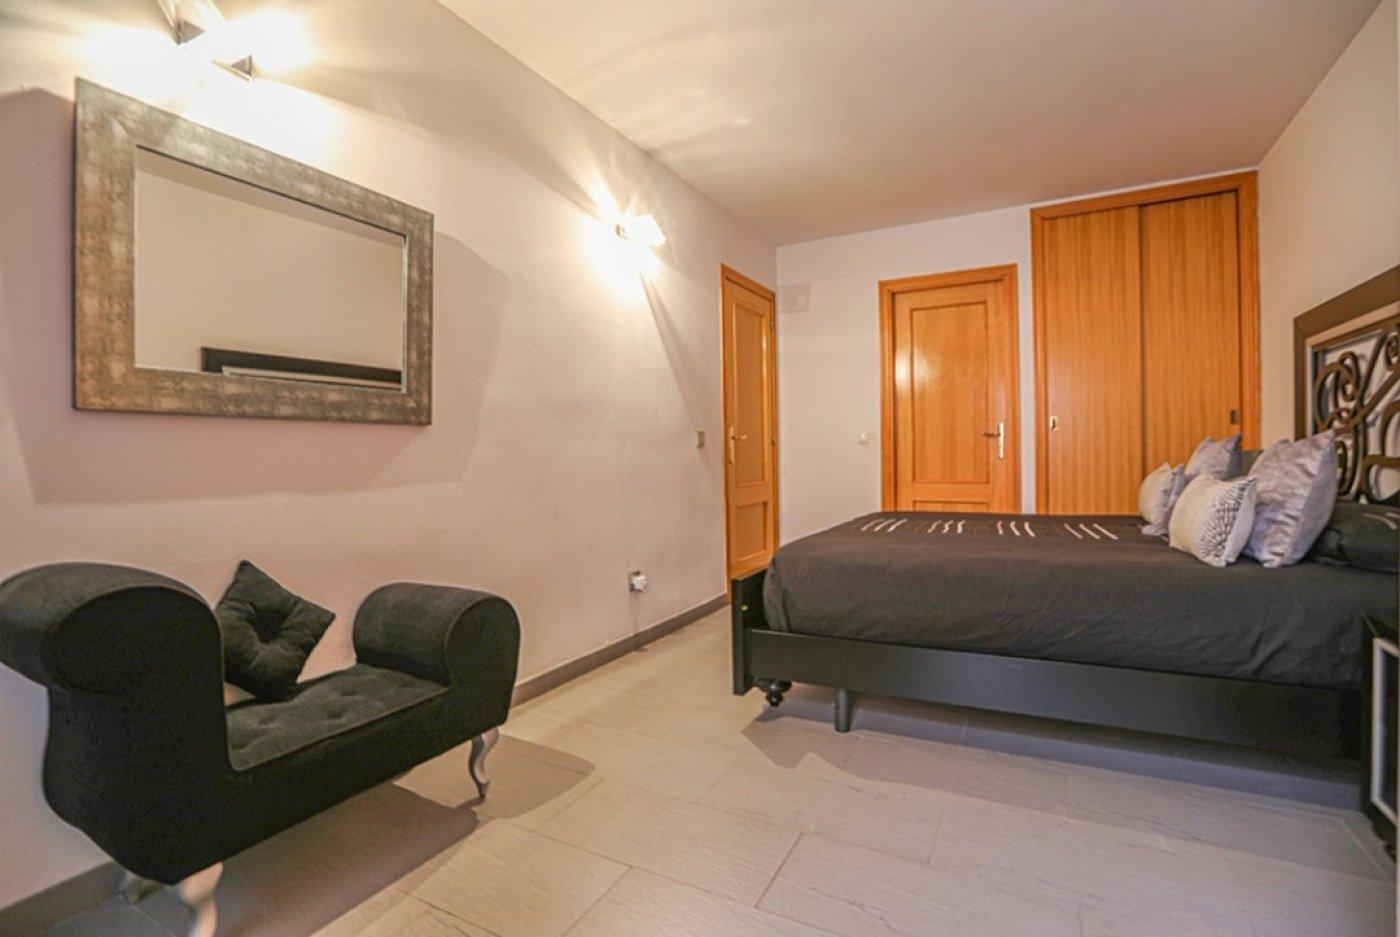 Se vende bonito apartamento semi nuevo con parking en andratx - imagenInmueble11